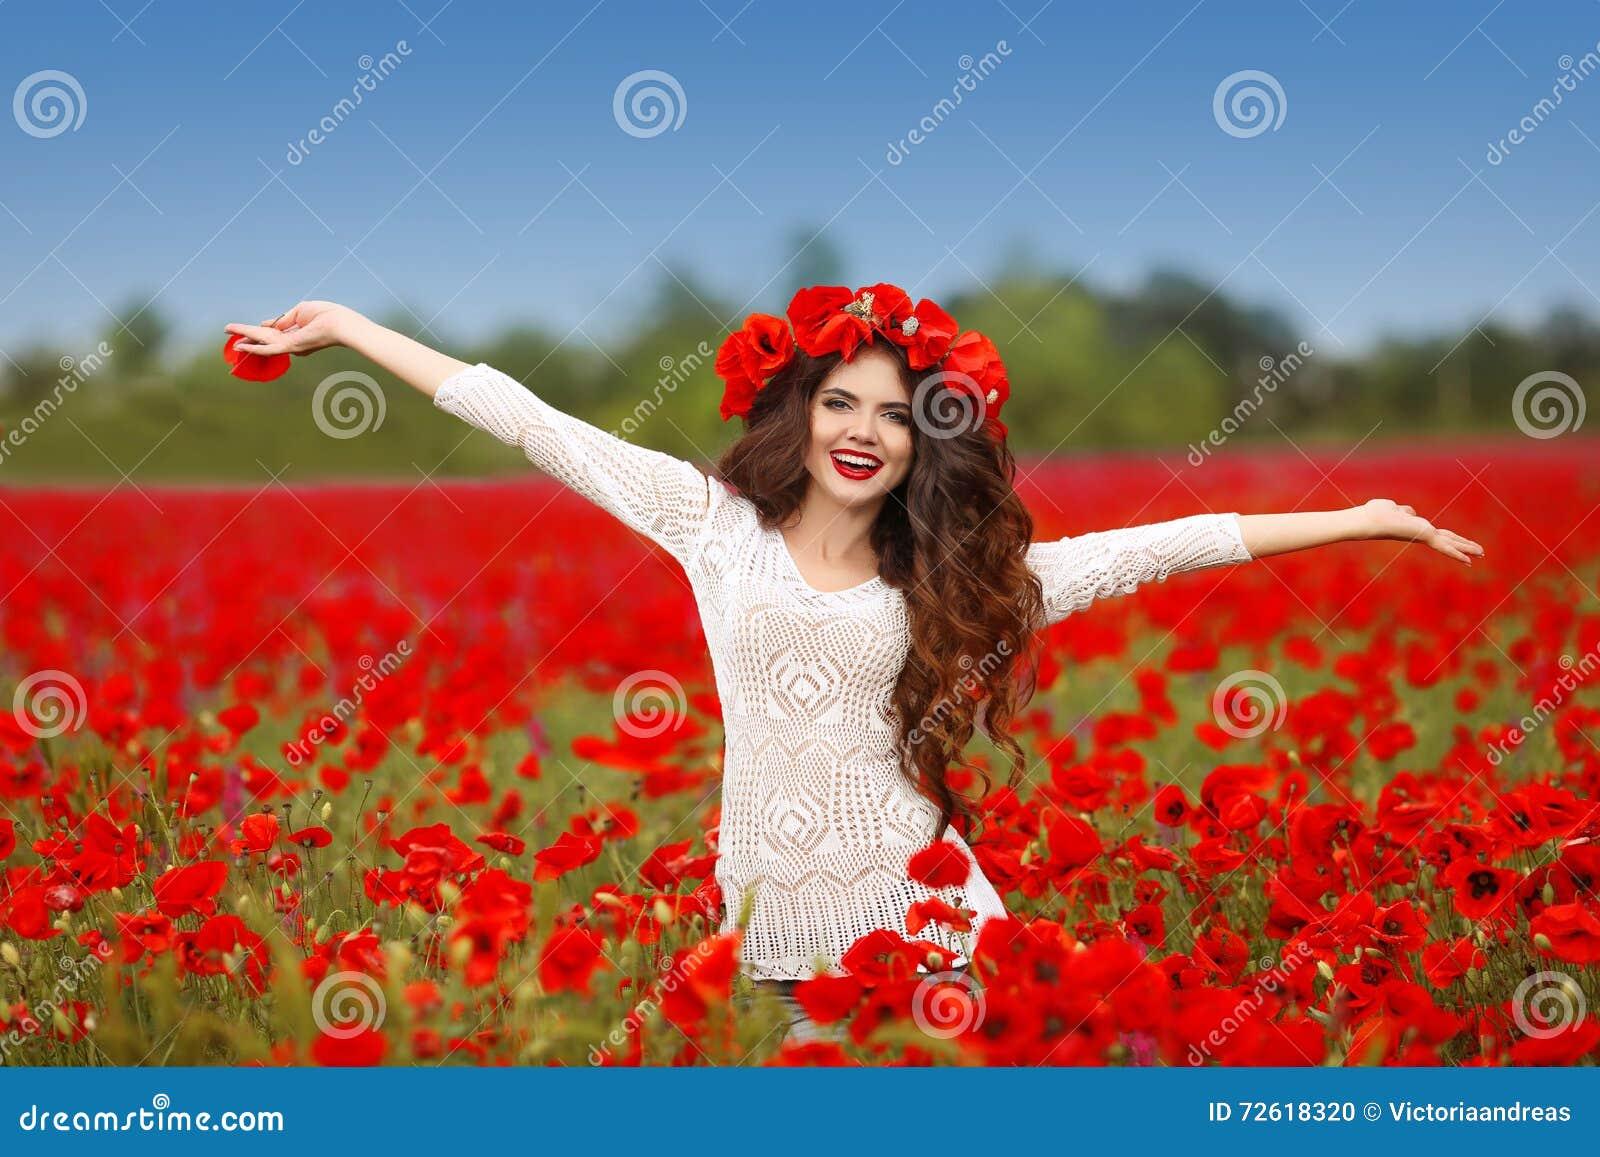 Όμορφες ευτυχείς ανοικτές αγκάλες γυναικών χαμόγελου στον κόκκινο τομέα παπαρουνών natur